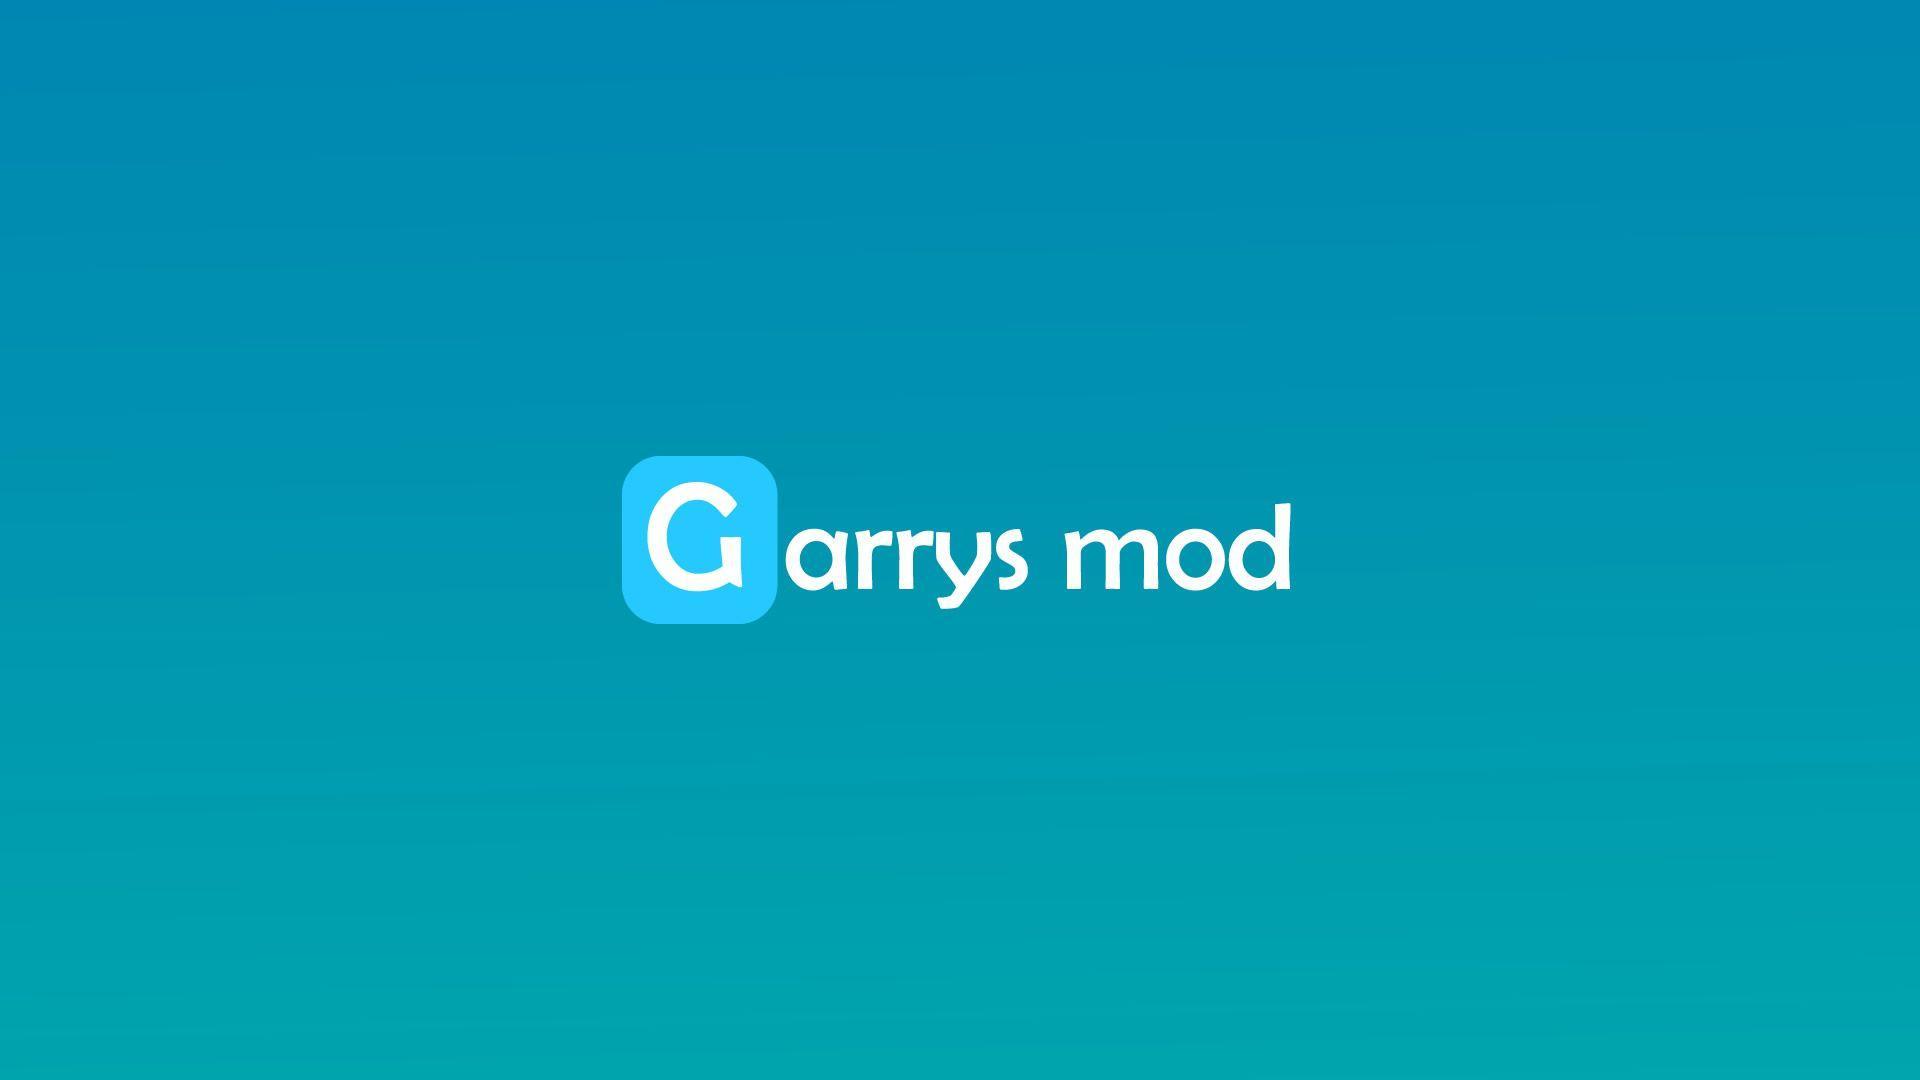 Garrys Mod Wallpapers 1920x1080